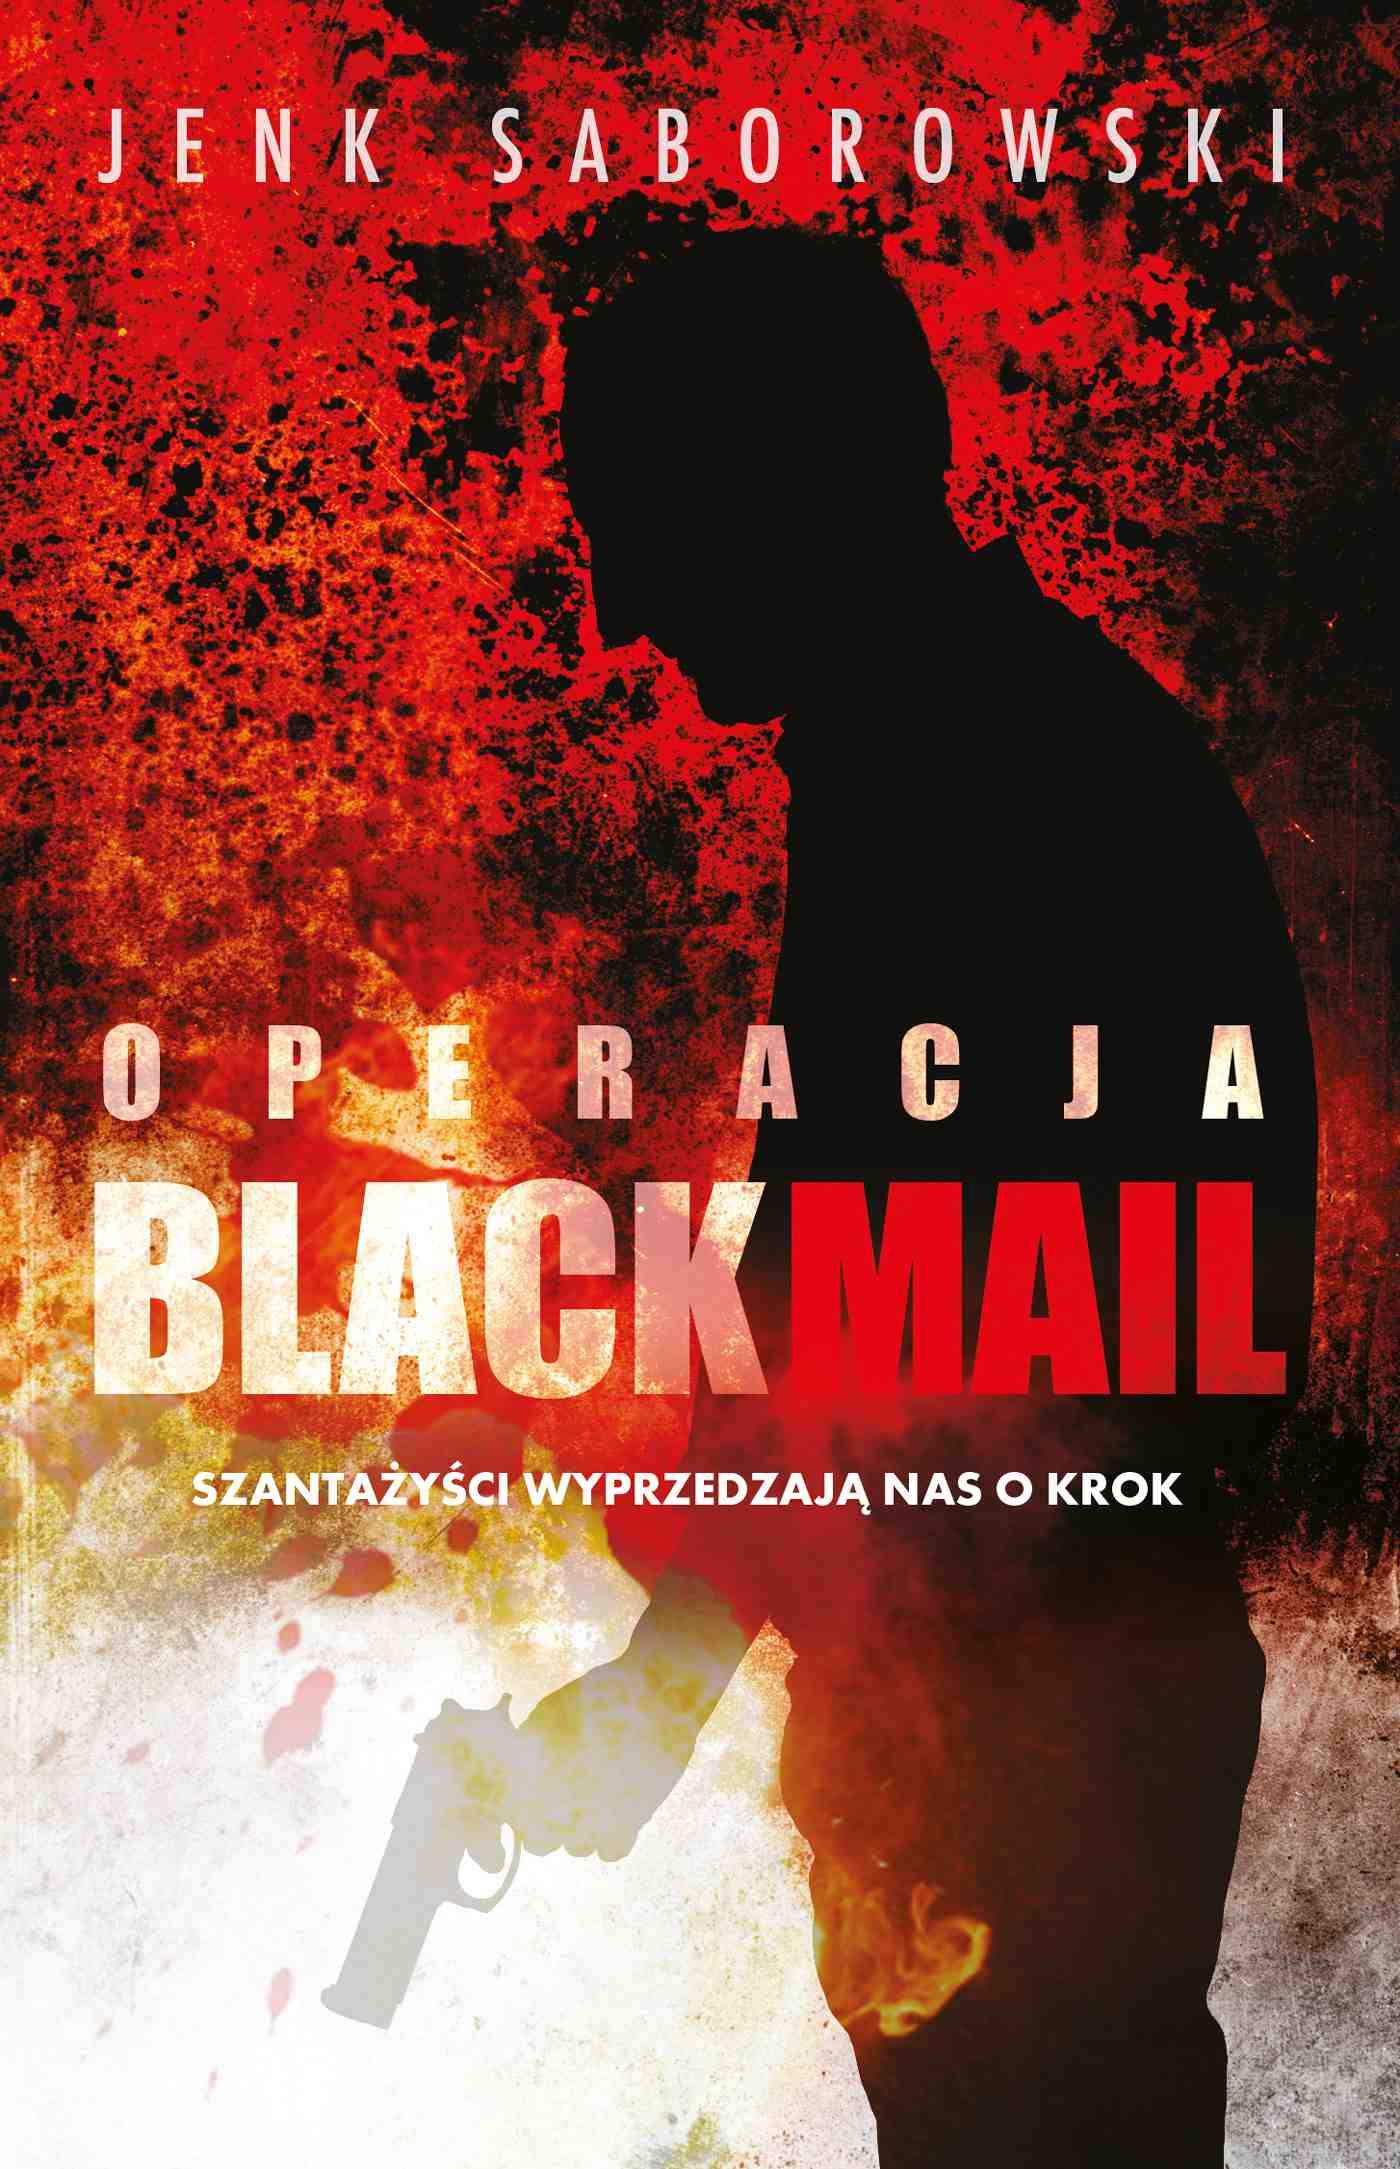 Operacja Blackmail - Ebook (Książka EPUB) do pobrania w formacie EPUB